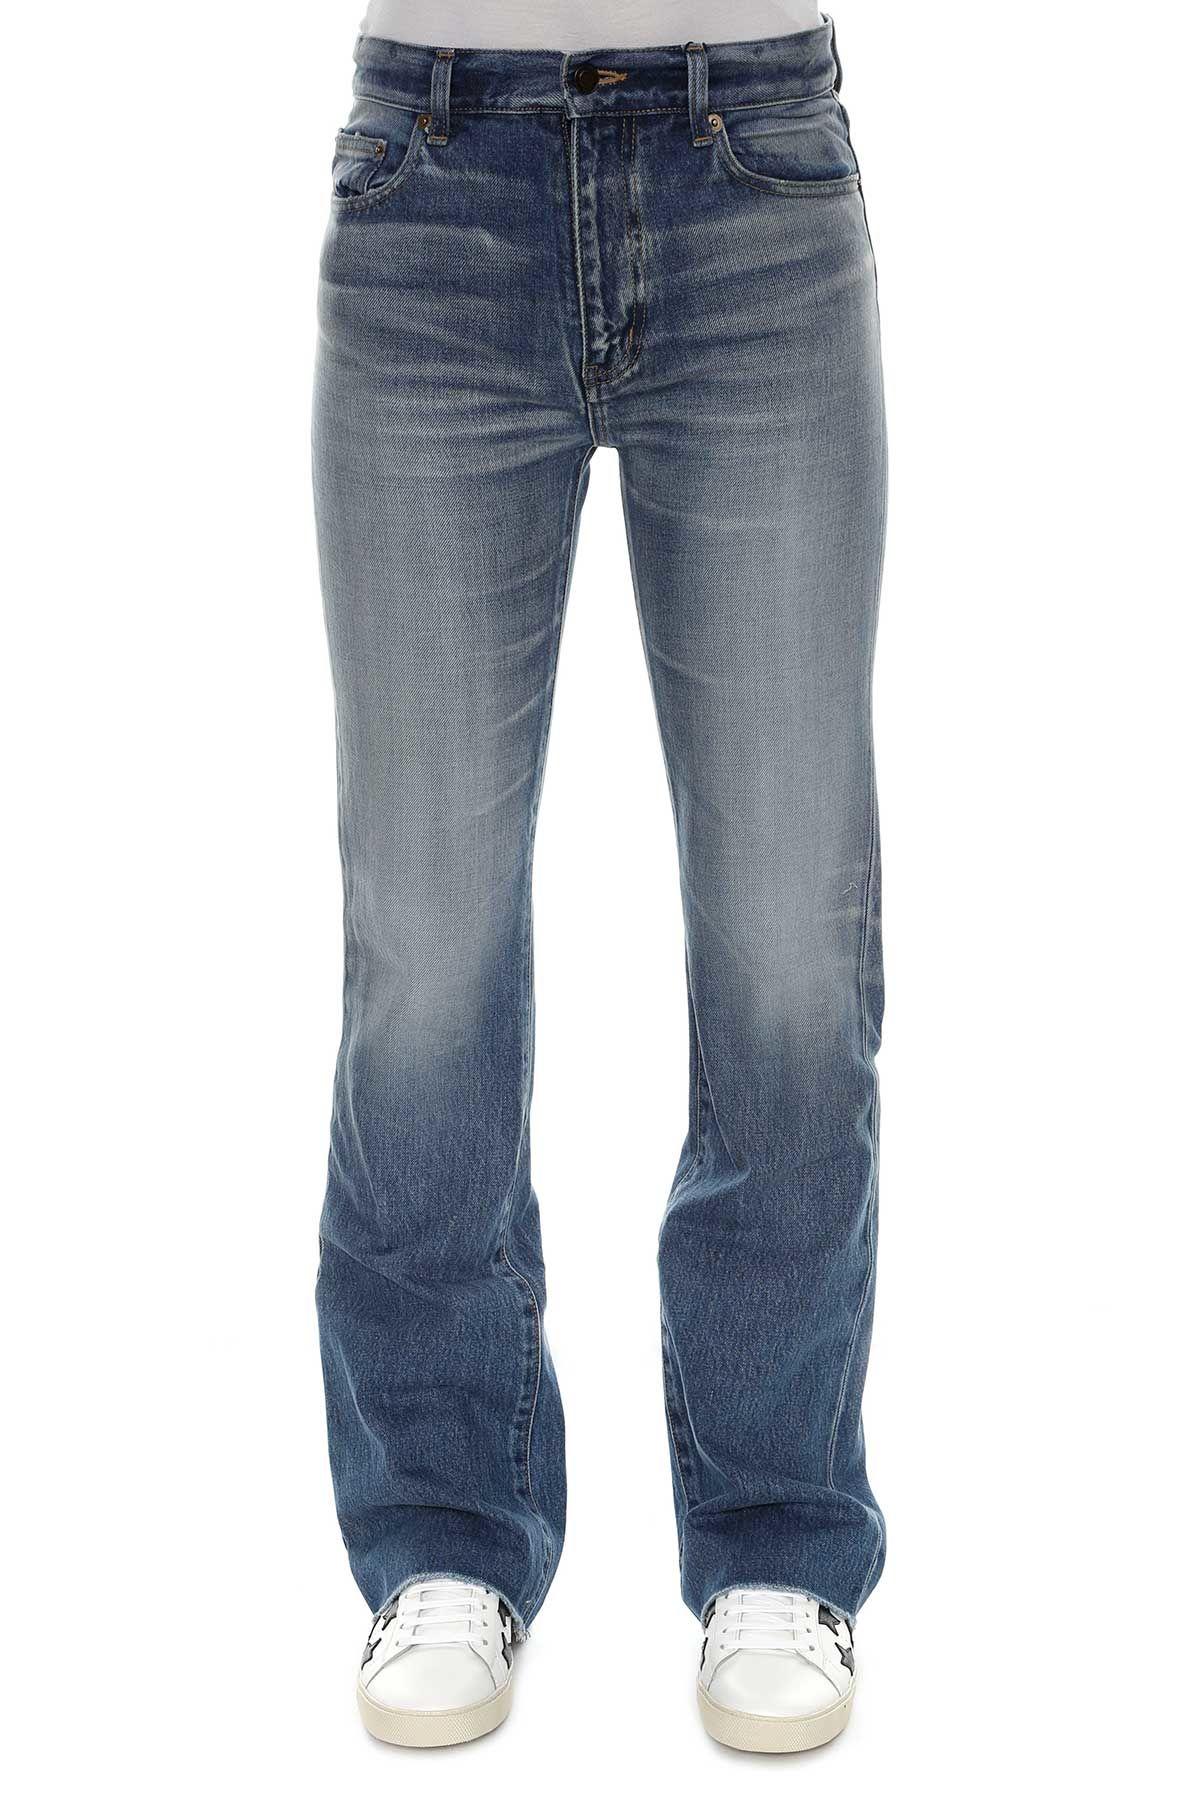 saint laurent saint laurent flare cropped jeans dirty vintage blue women 39 s jeans italist. Black Bedroom Furniture Sets. Home Design Ideas